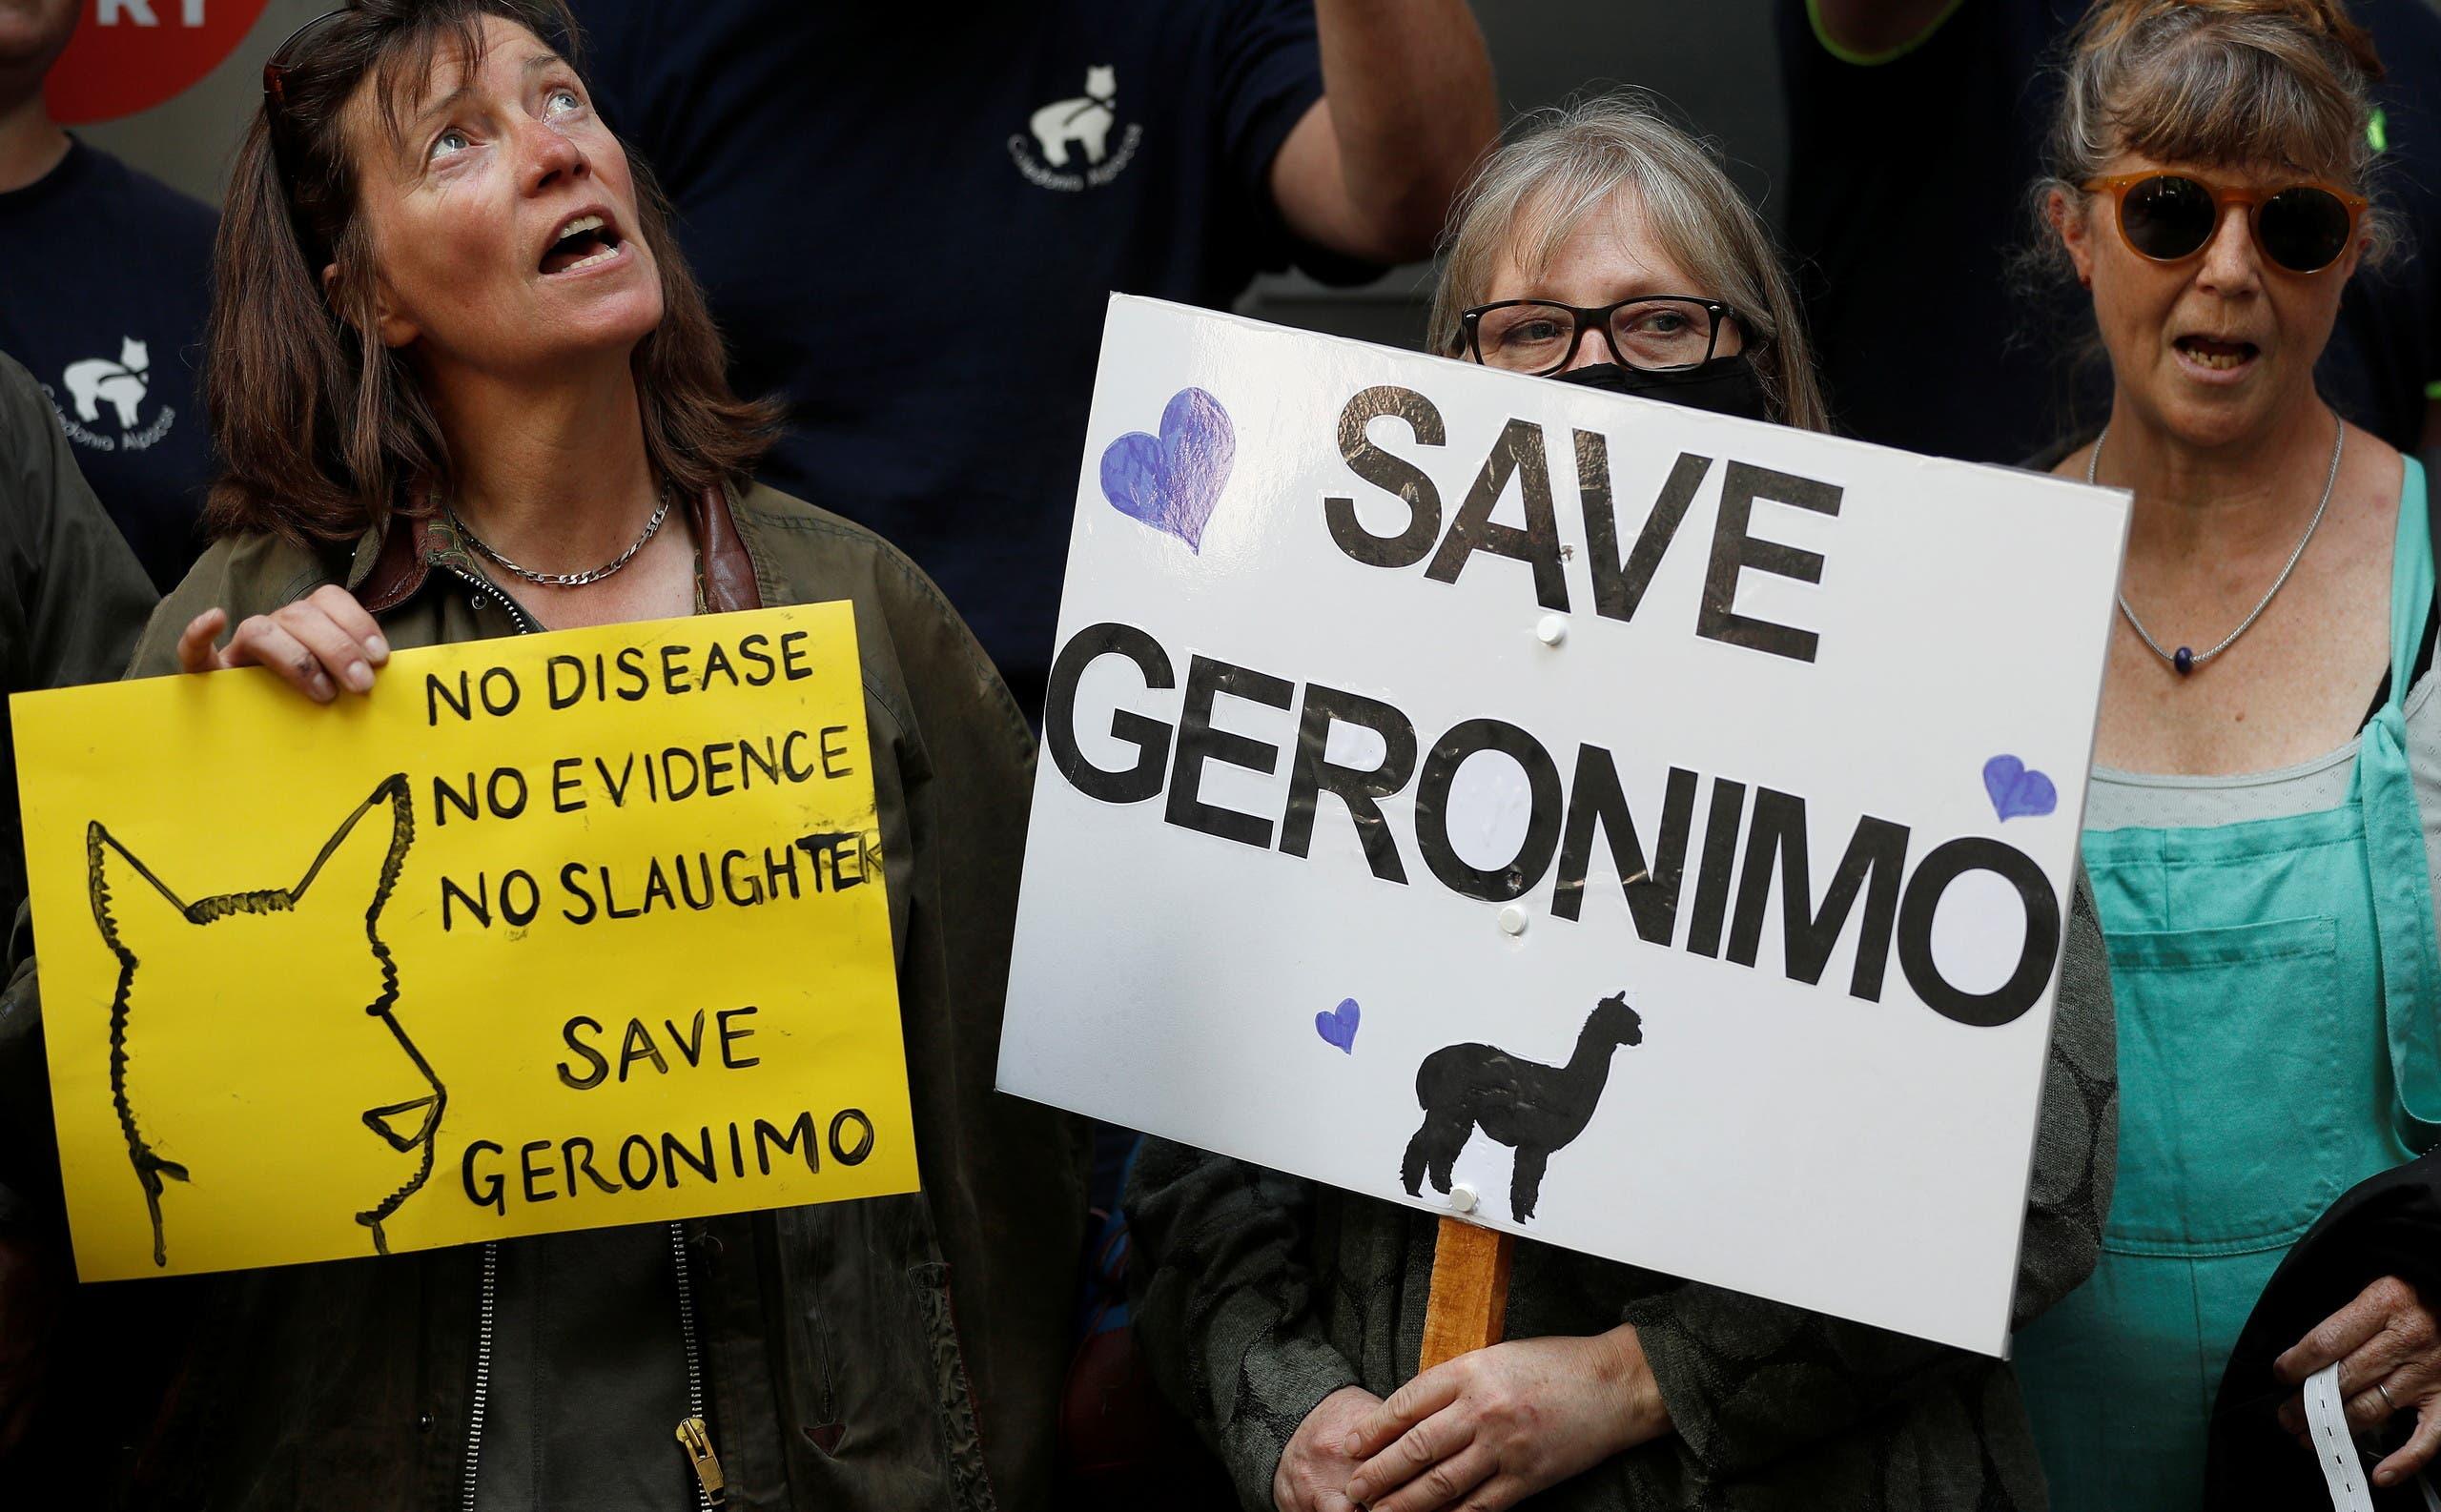 احتجاج في لندن لليون للمطالبة بإنقاذ جيرونيمو